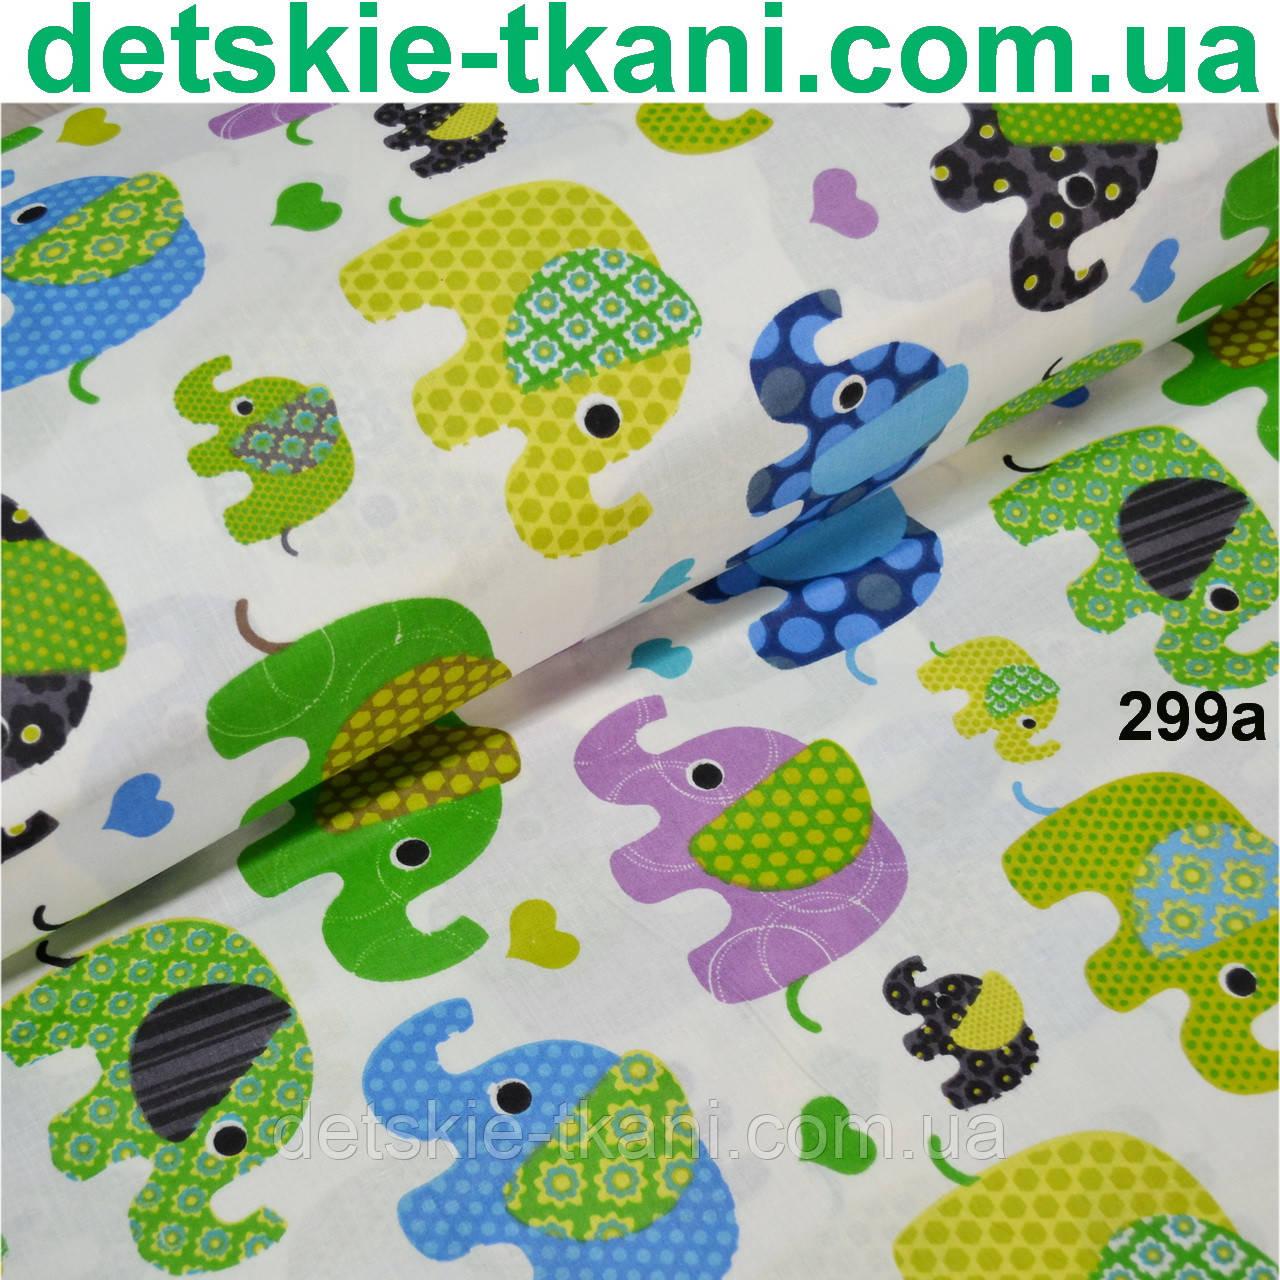 Отрез ткани с индийскими слонами, цвет зелёный №299а